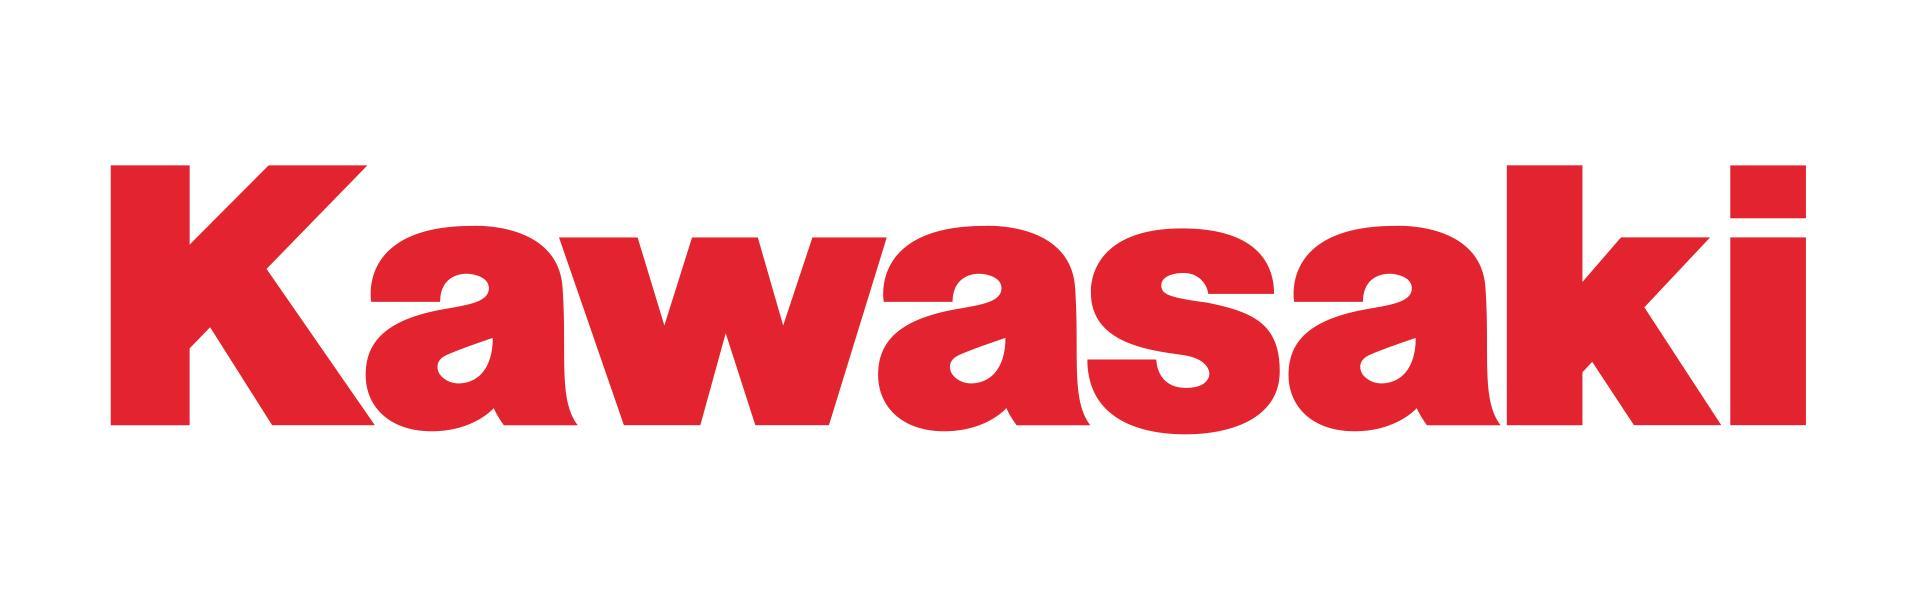 image kawasaki logo cmyk1 jpg logopedia fandom powered by wikia rh logos wikia com kawasaki logon kawasaki logo decal sticker